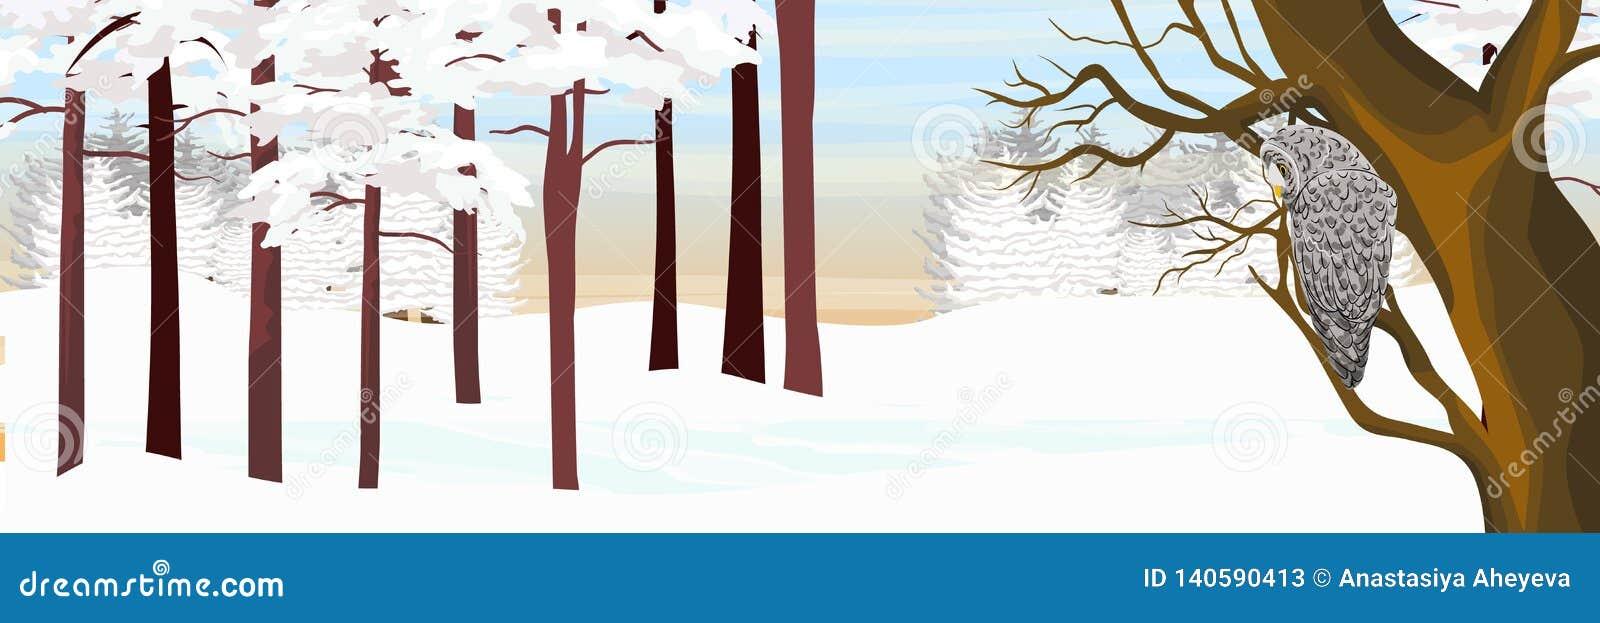 Μια γκρίζα κουκουβάγια κάθεται σε ένα δέντρο σε ένα δάσος χειμερινών πεύκων